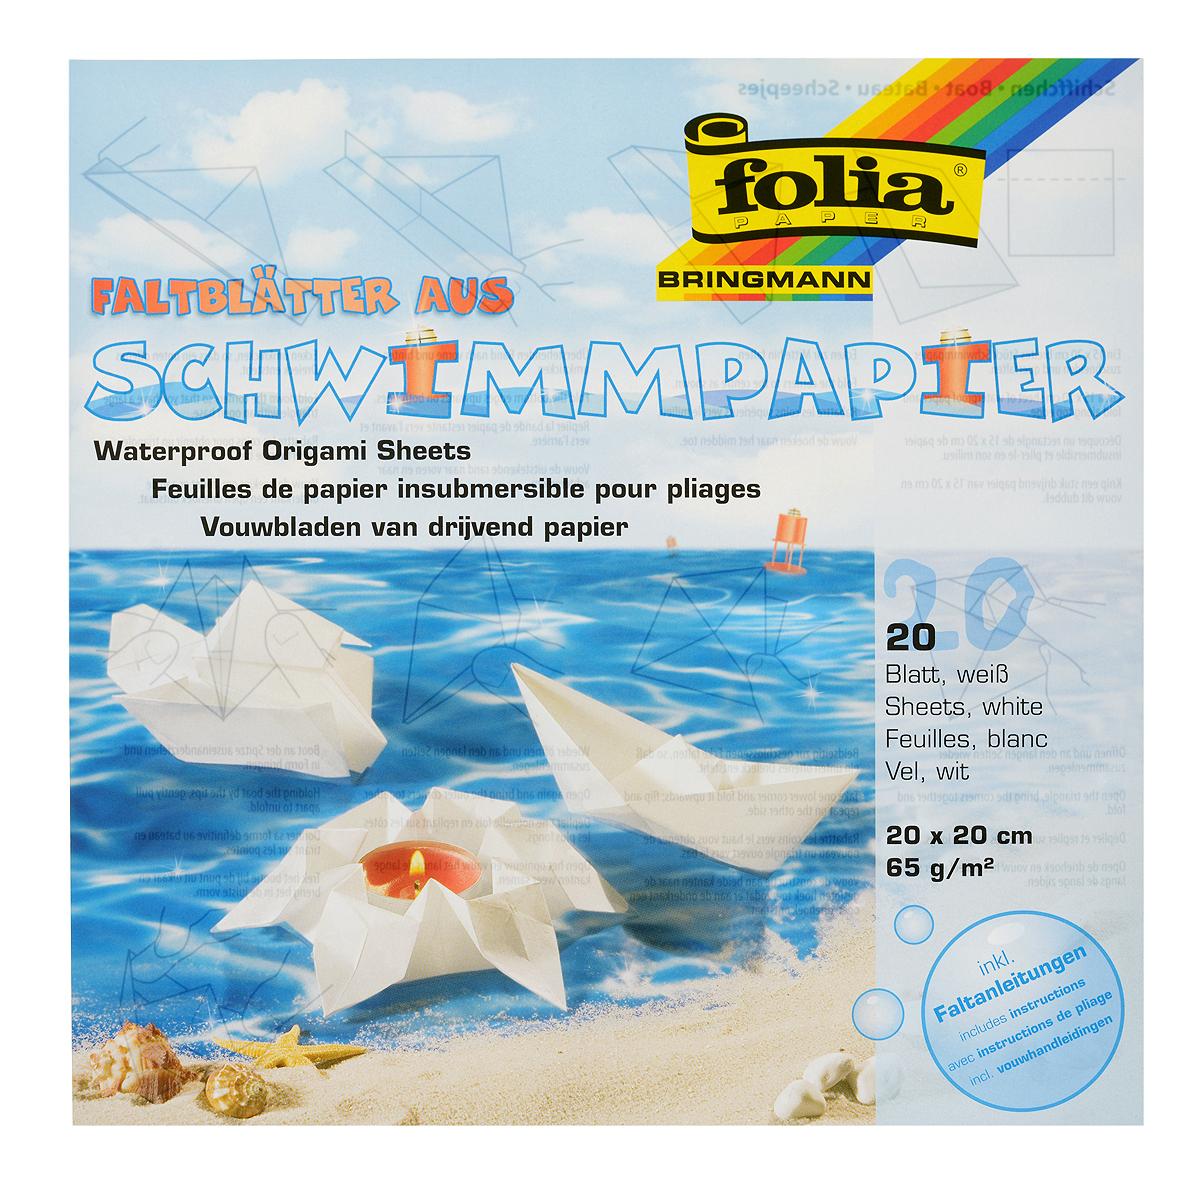 Бумага для оригами Folia, водоустойчивая, цвет: белый, 20 см х 20 см, 20 листов7708014Набор специальной водоустойчивой бумаги для оригами Folia содержит 20 однотонных листов, которые помогут вам и вашему ребенку сделать разнообразные фигурки, которые смогут плавать по воде. Бумага прекрасно складывается, кроме того, ее можно раскрасить. При многоразовом сгибании листа на бумаге не появляются трещины, так как она обладает очень высоким качеством. Бумага хорошо комбинируется с цветным картоном.За свою многовековую историю оригами прошло путь от храмовых обрядов до искусства, дарящего радость и красоту миллионам людей во всем мире. Складывание и художественное оформление фигурок оригами интересно заполнят свободное время, доставят огромное удовольствие, радость и взрослым и детям. Увлекательные занятия оригами развивают мелкую моторику рук, воображение, мышление, воспитывают волевые качества и совершенствуют художественный вкус ребенка.Плотность бумаги: 65 г/м2.Размер листа: 20 см х 20 см.